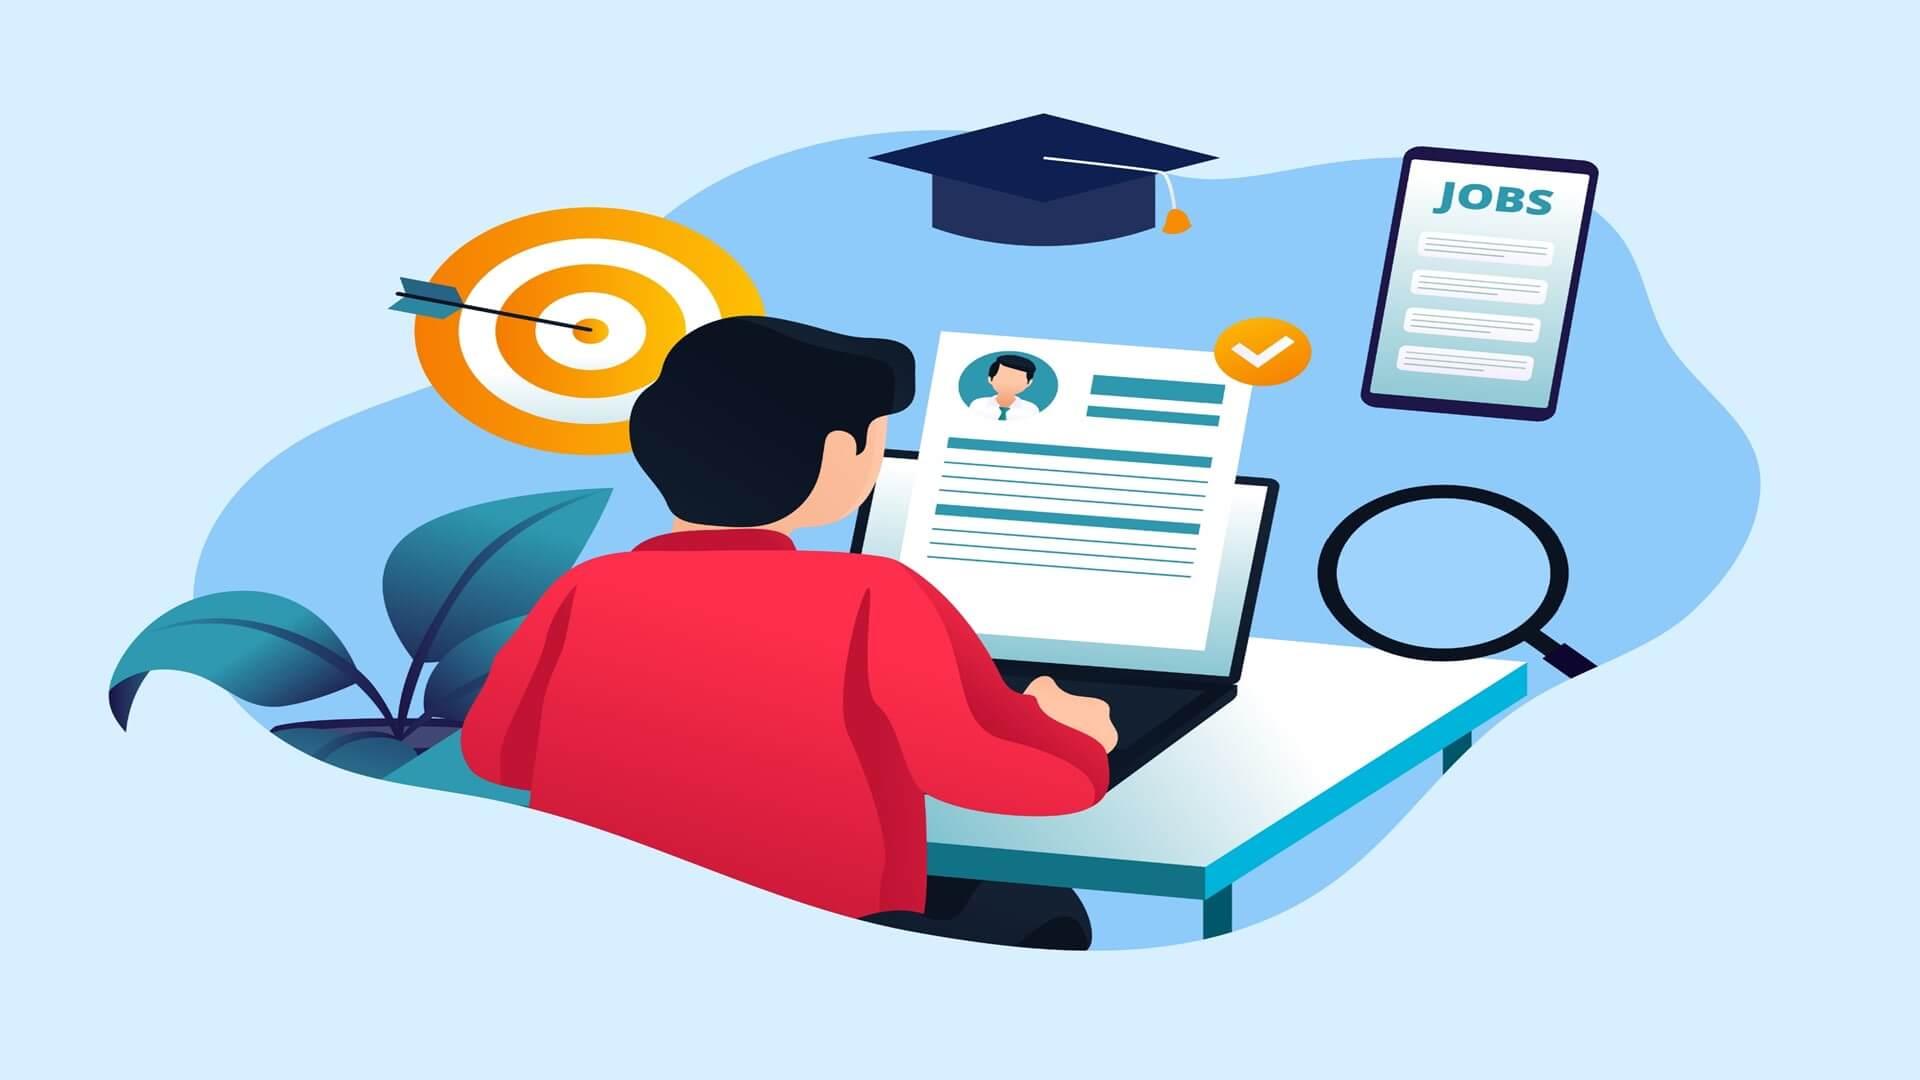 【学べて丸儲け】フリーランスで仕事を獲得するためにも履歴書は必須!書き方を教えます!